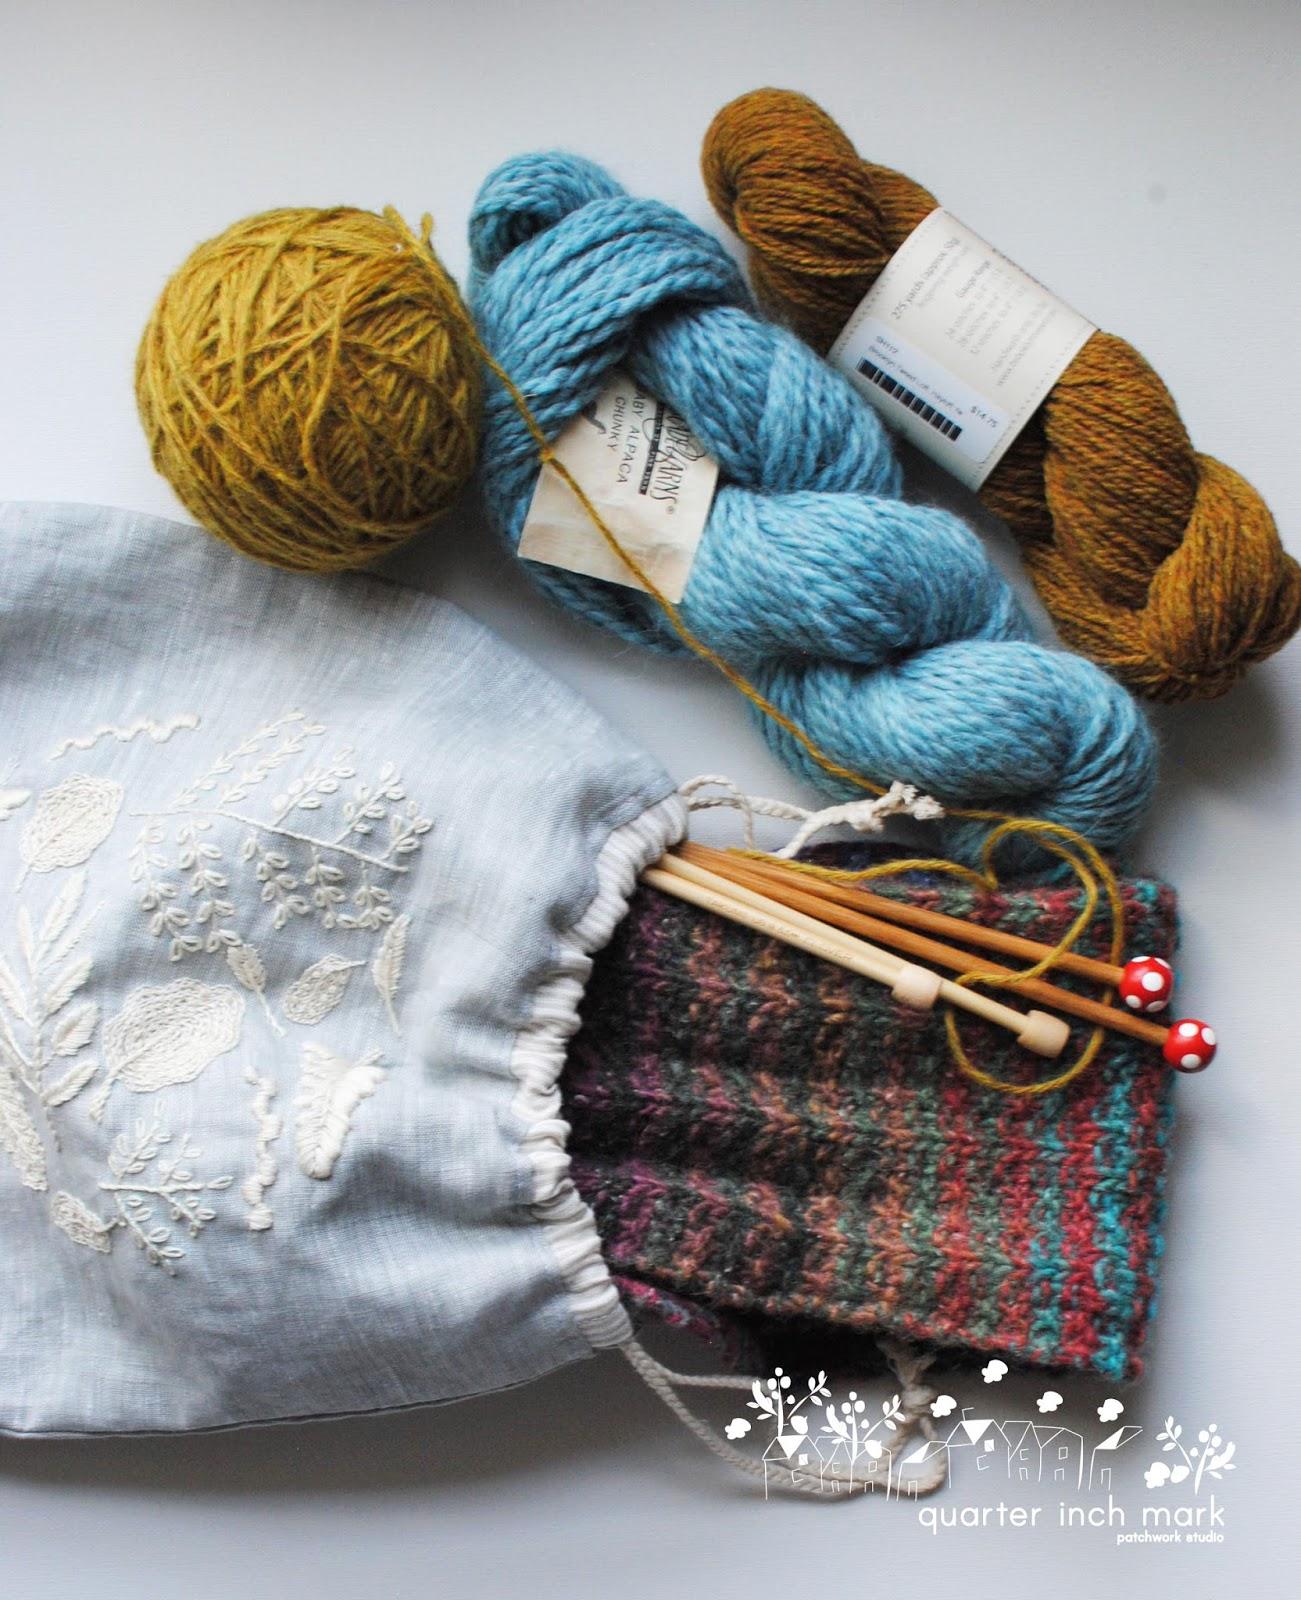 Knitting Tote Bag Sewing Pattern : 1/4